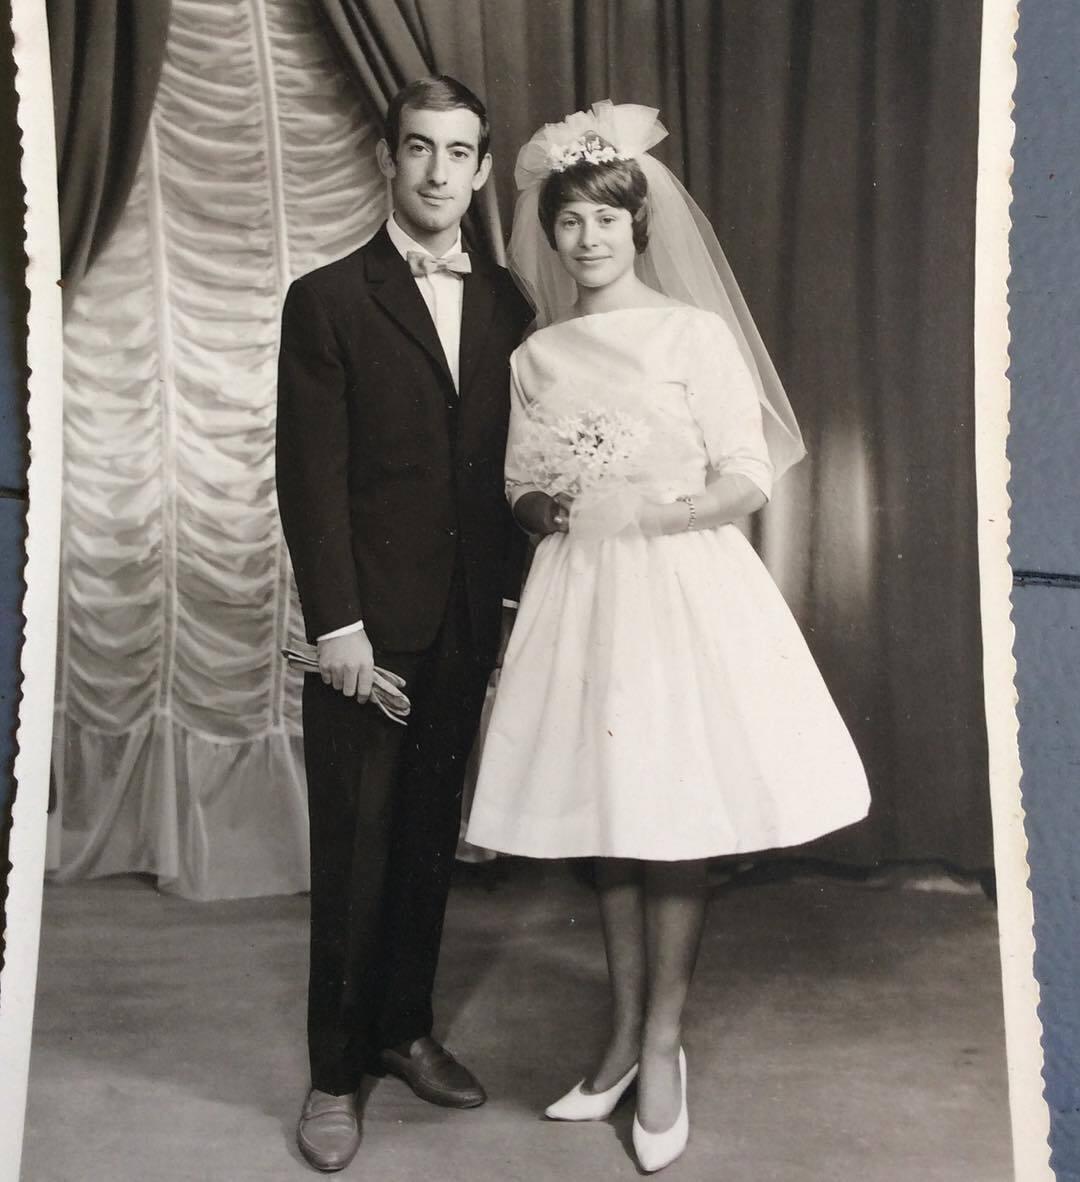 Хрупкая невеста в нежном платье позирует с любимым.